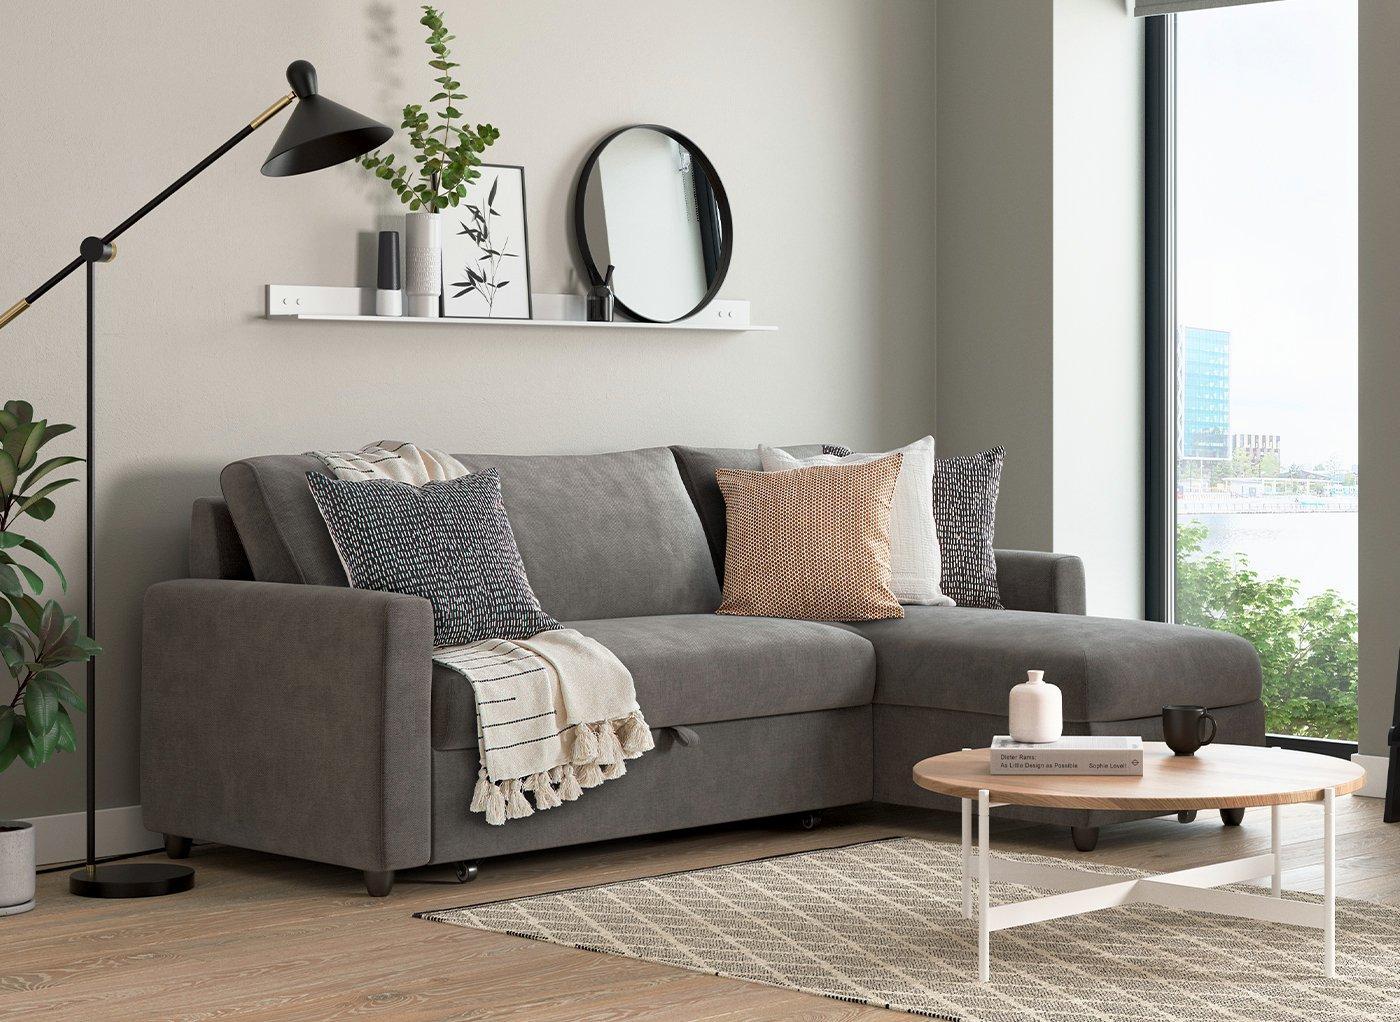 45092 Куда поставить угловой диван в квартире